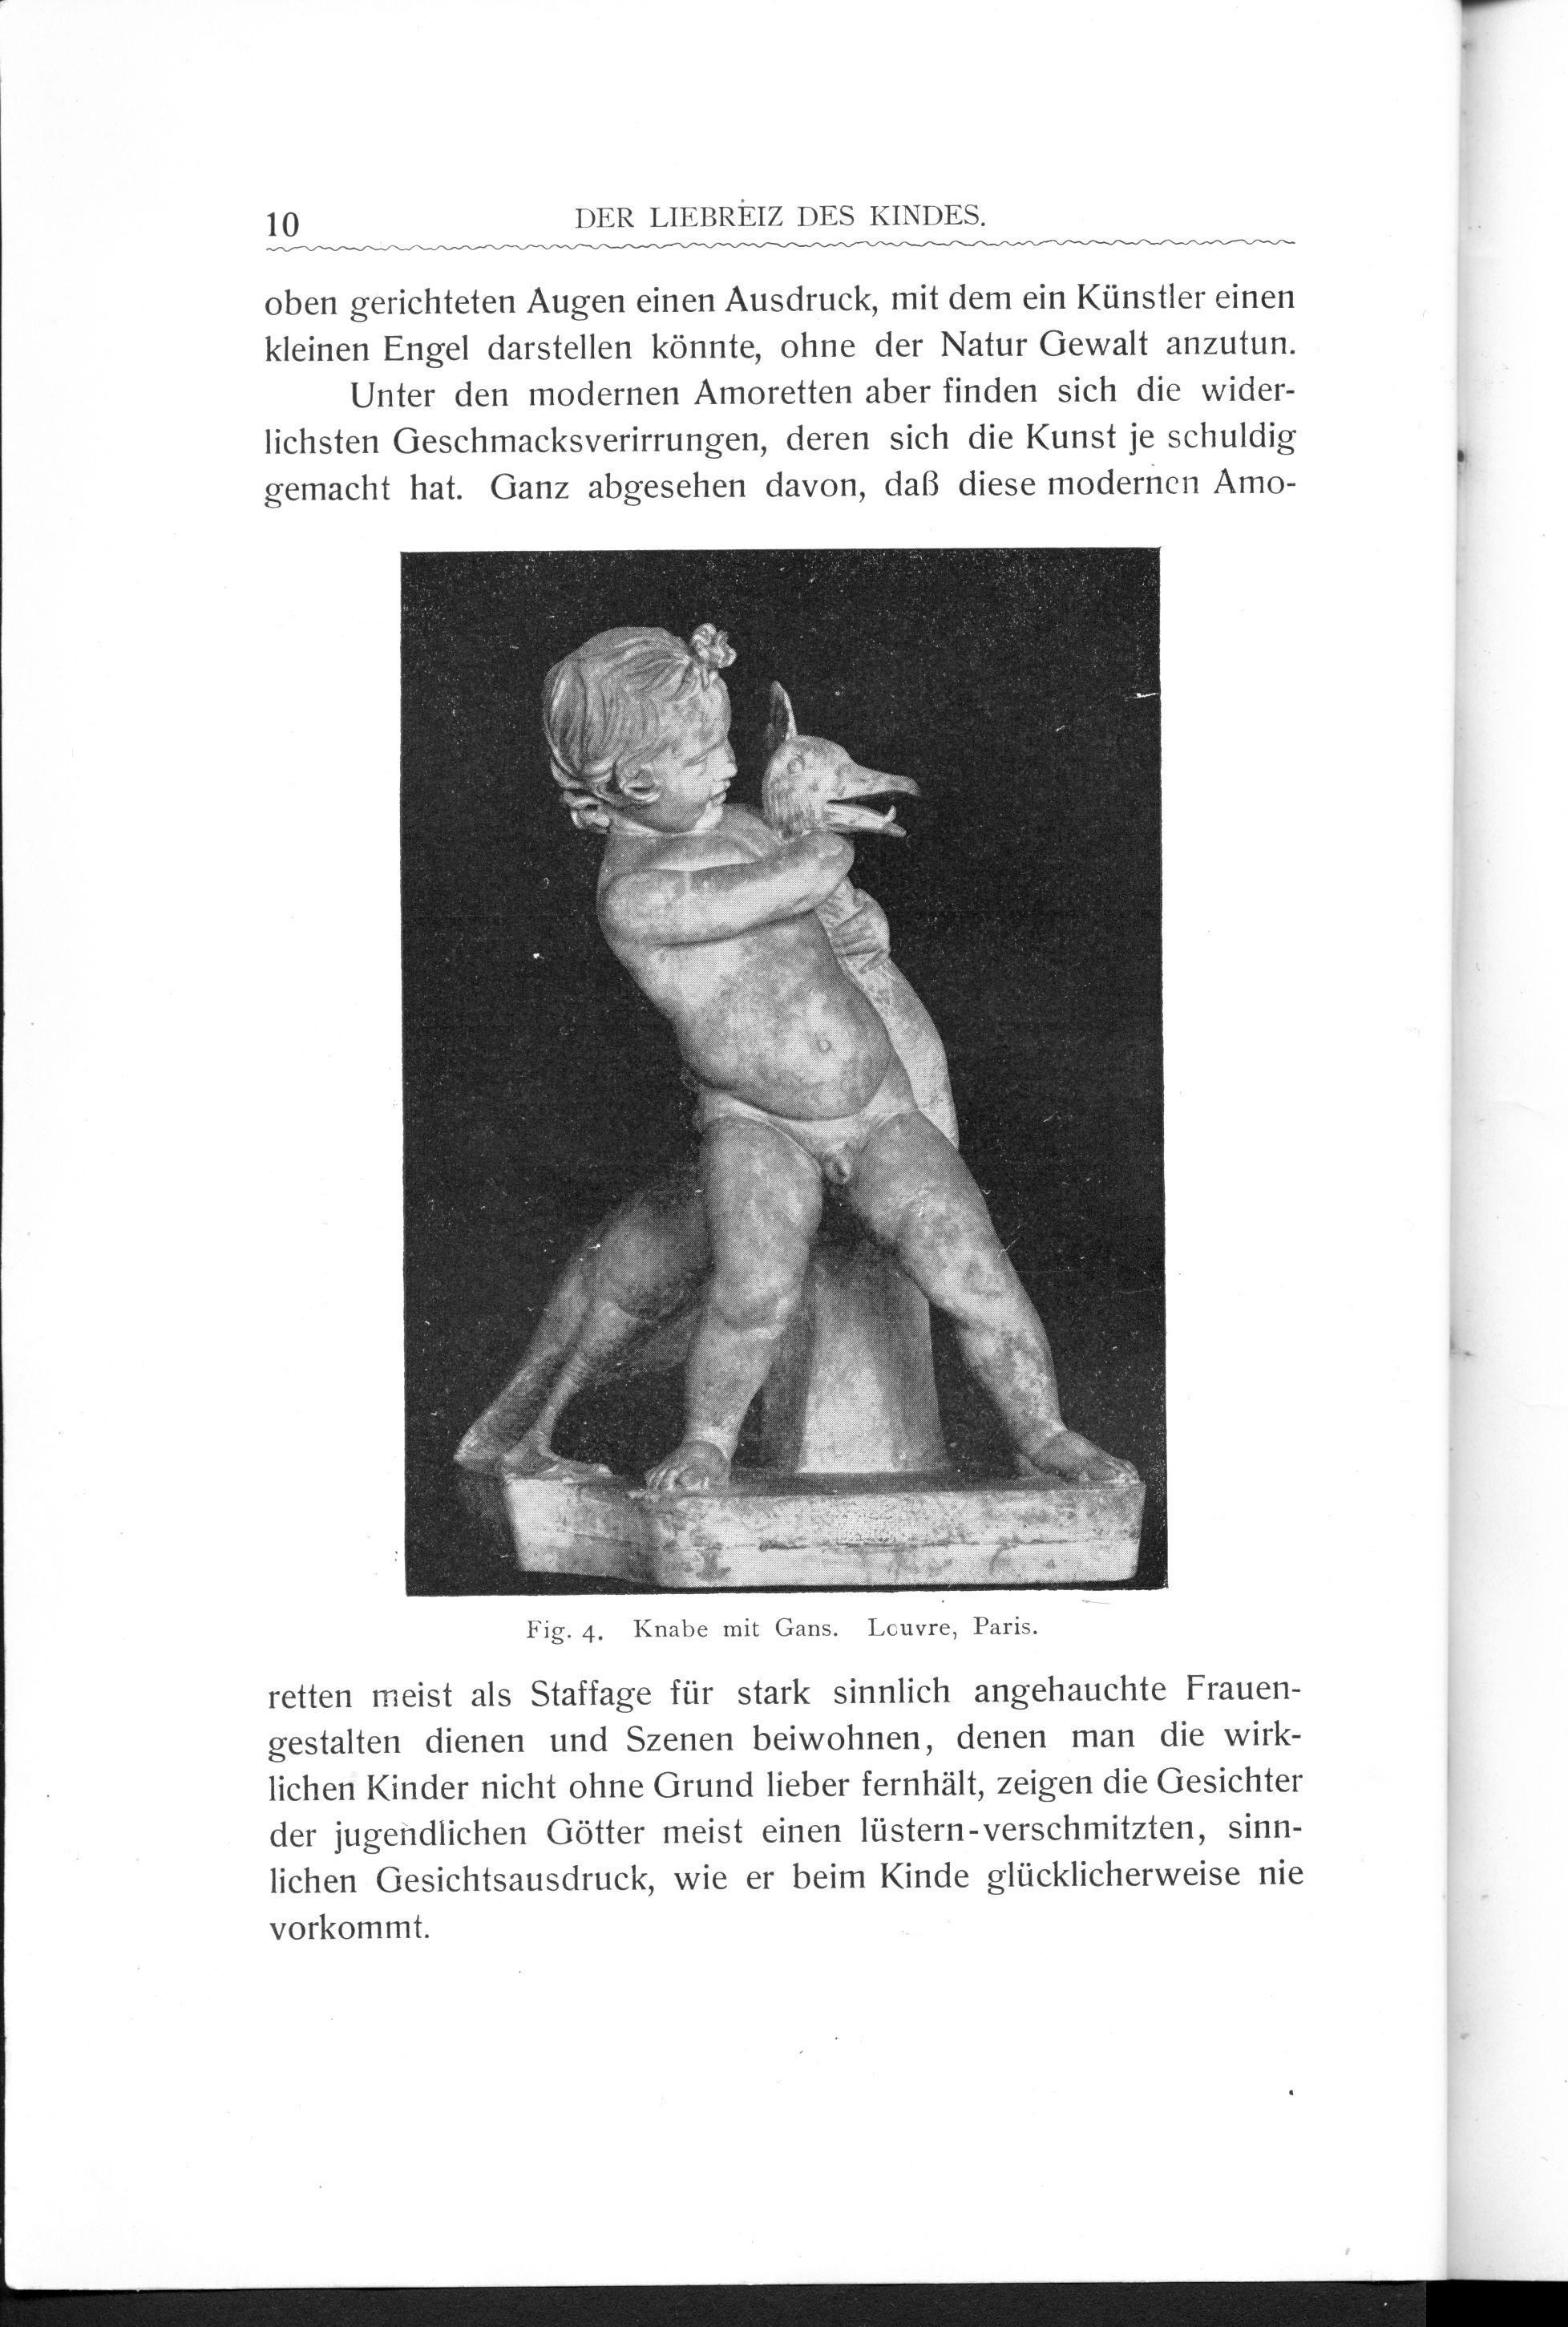 File:Stratz Körper des Kindes 3 010.jpg - Wikimedia Commons